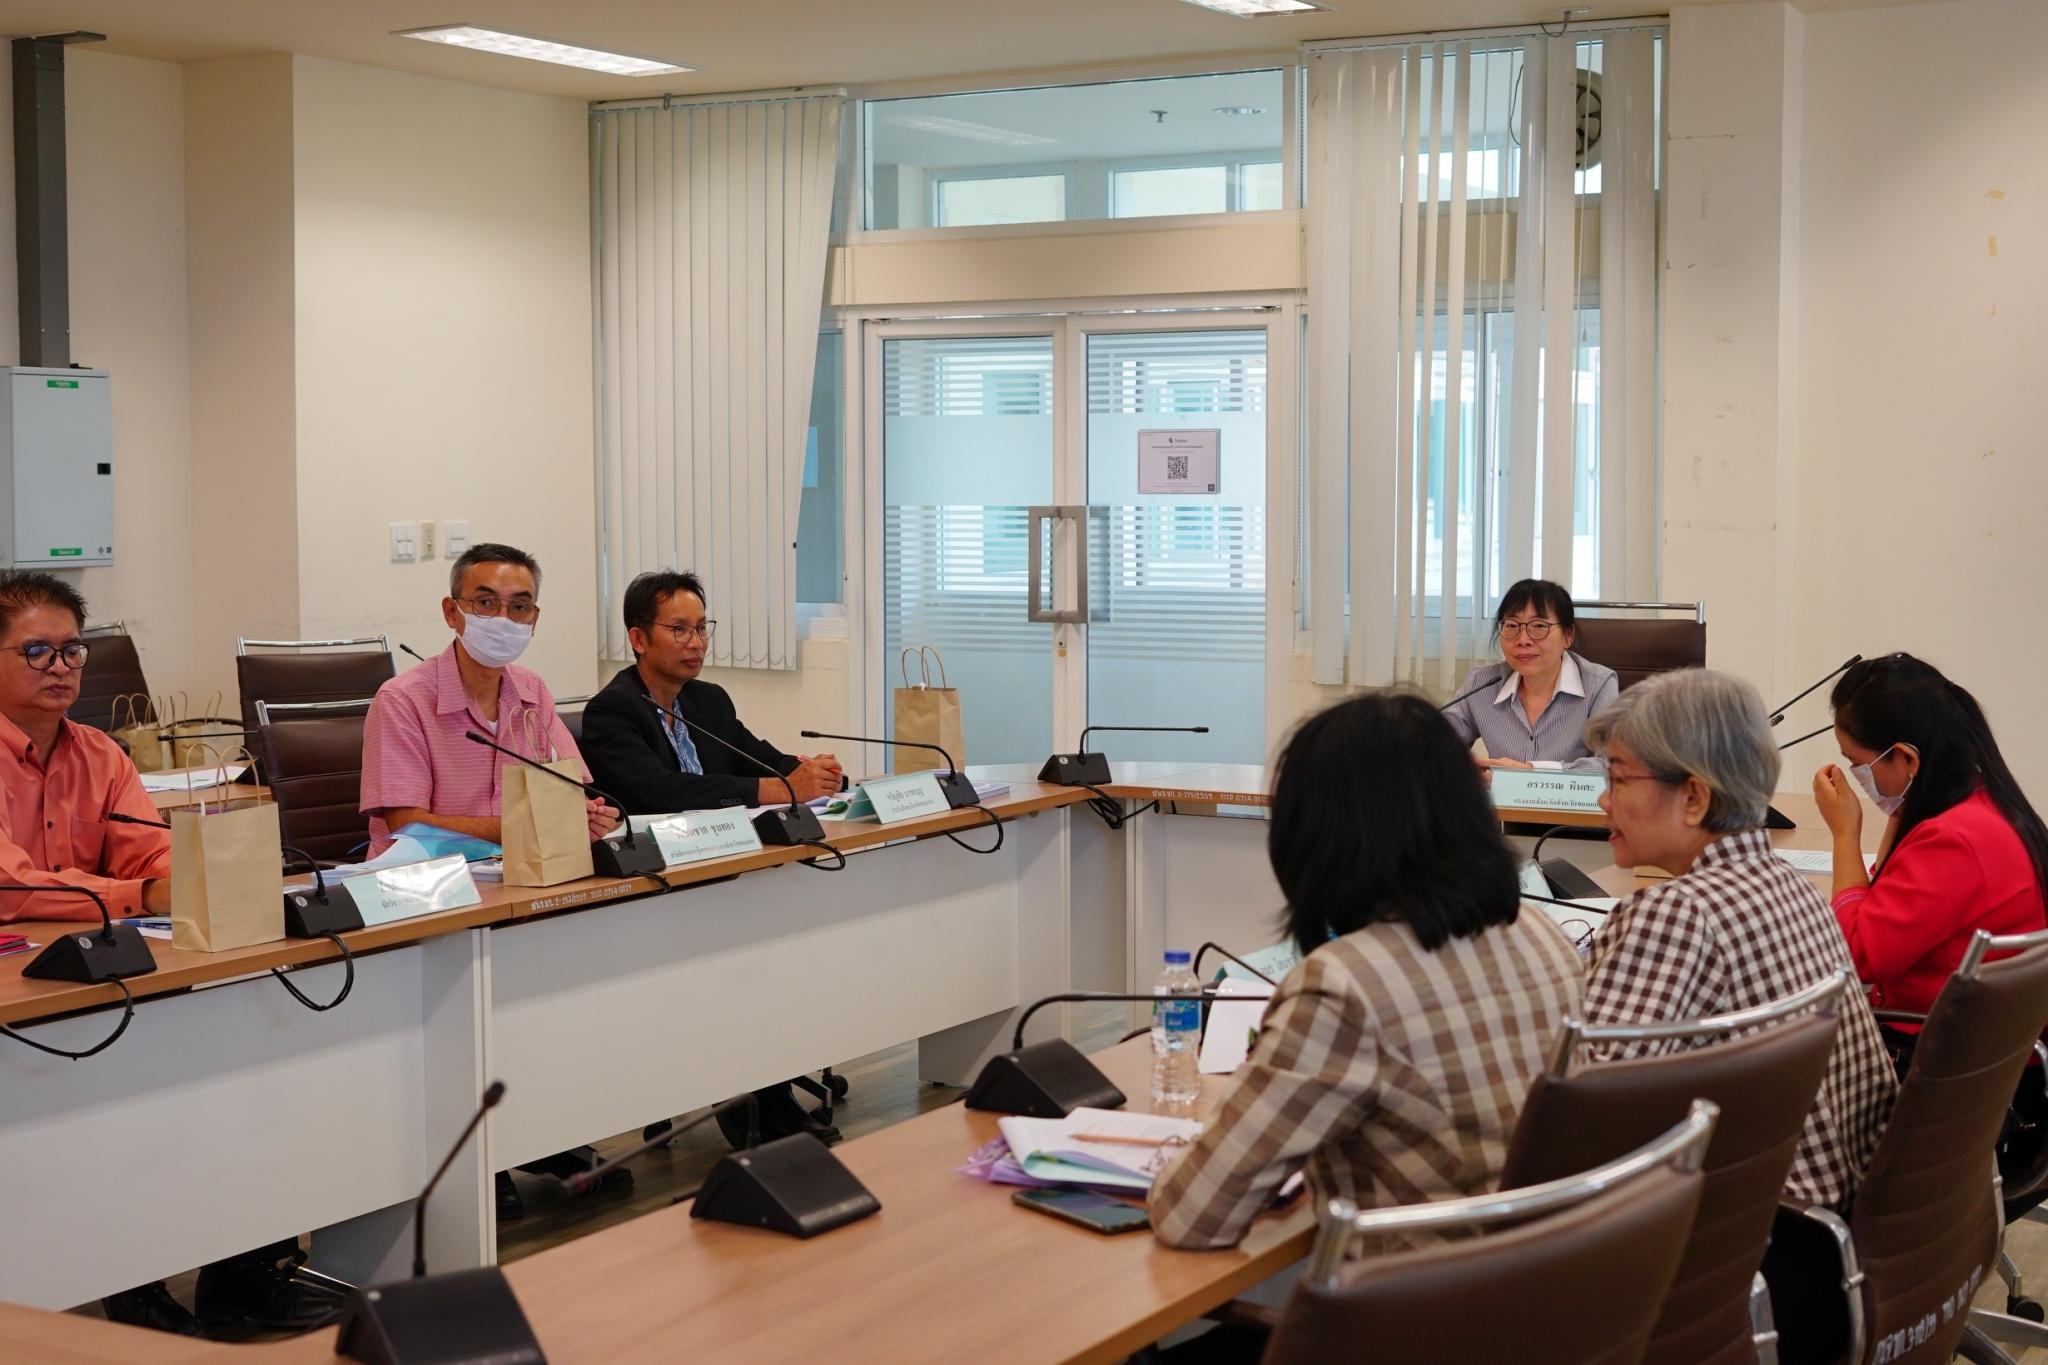 สำนักงานแรงงานจังหวัดขอนแก่น จัดประชุมหัวหน้าส่วนราชการสังกัดกระทรวงแรงงานจังหวัดขอนแก่น ครั้งที่ 2/2564